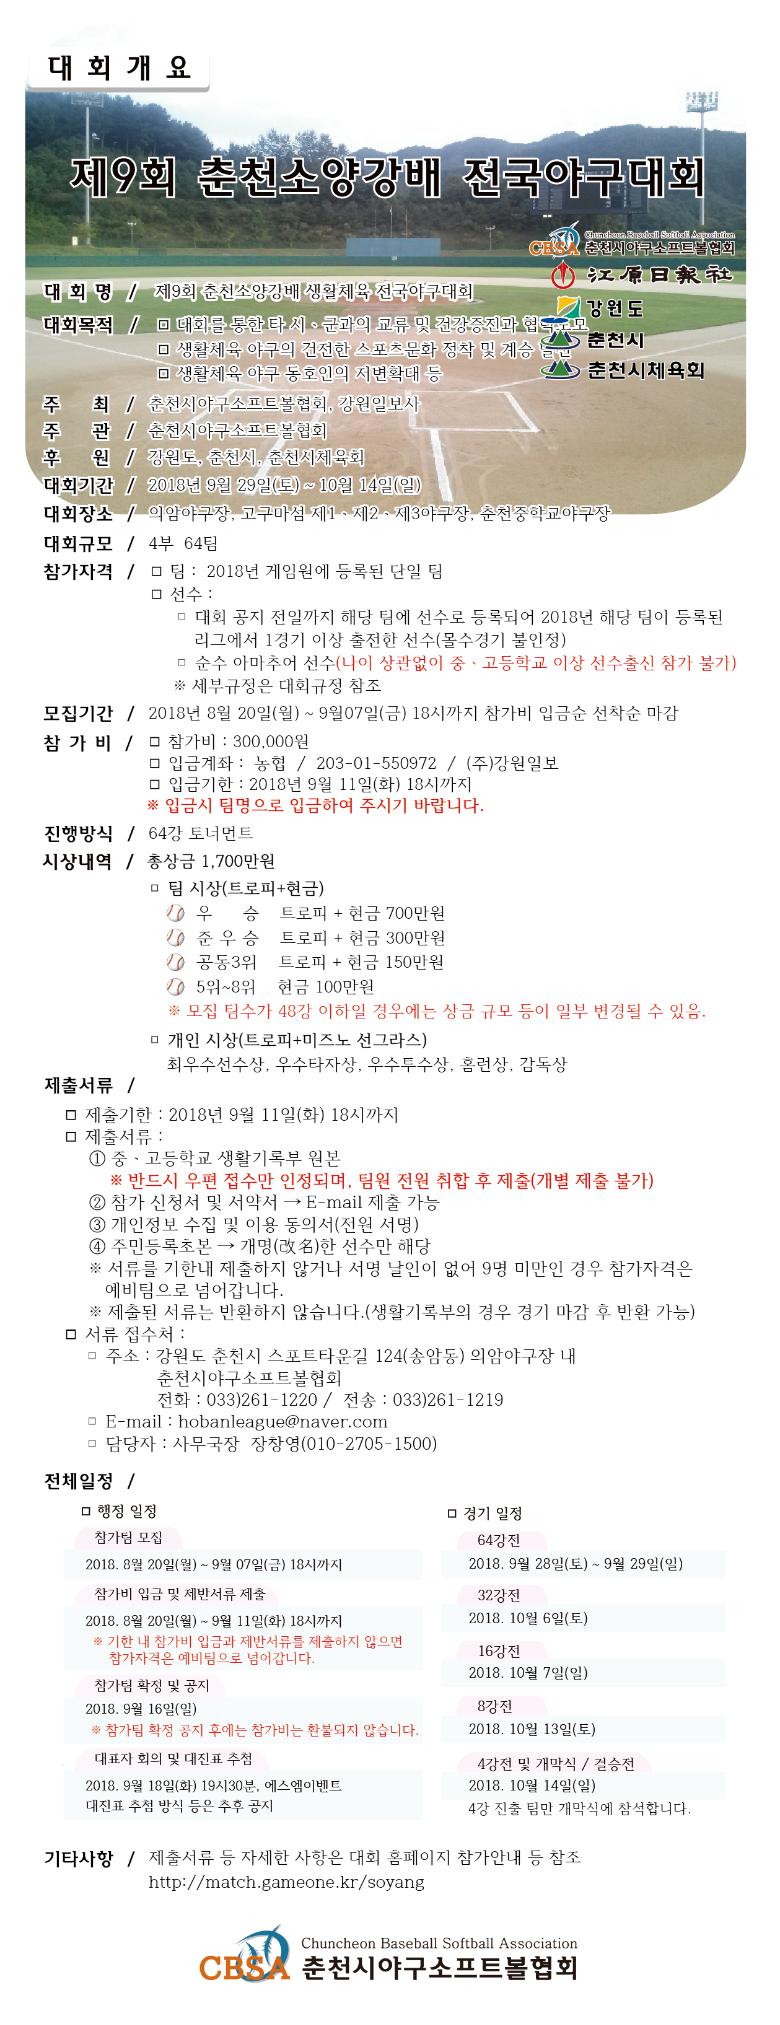 제9회 춘천소양강배 전국야구대회 안내(공지용 1장).png